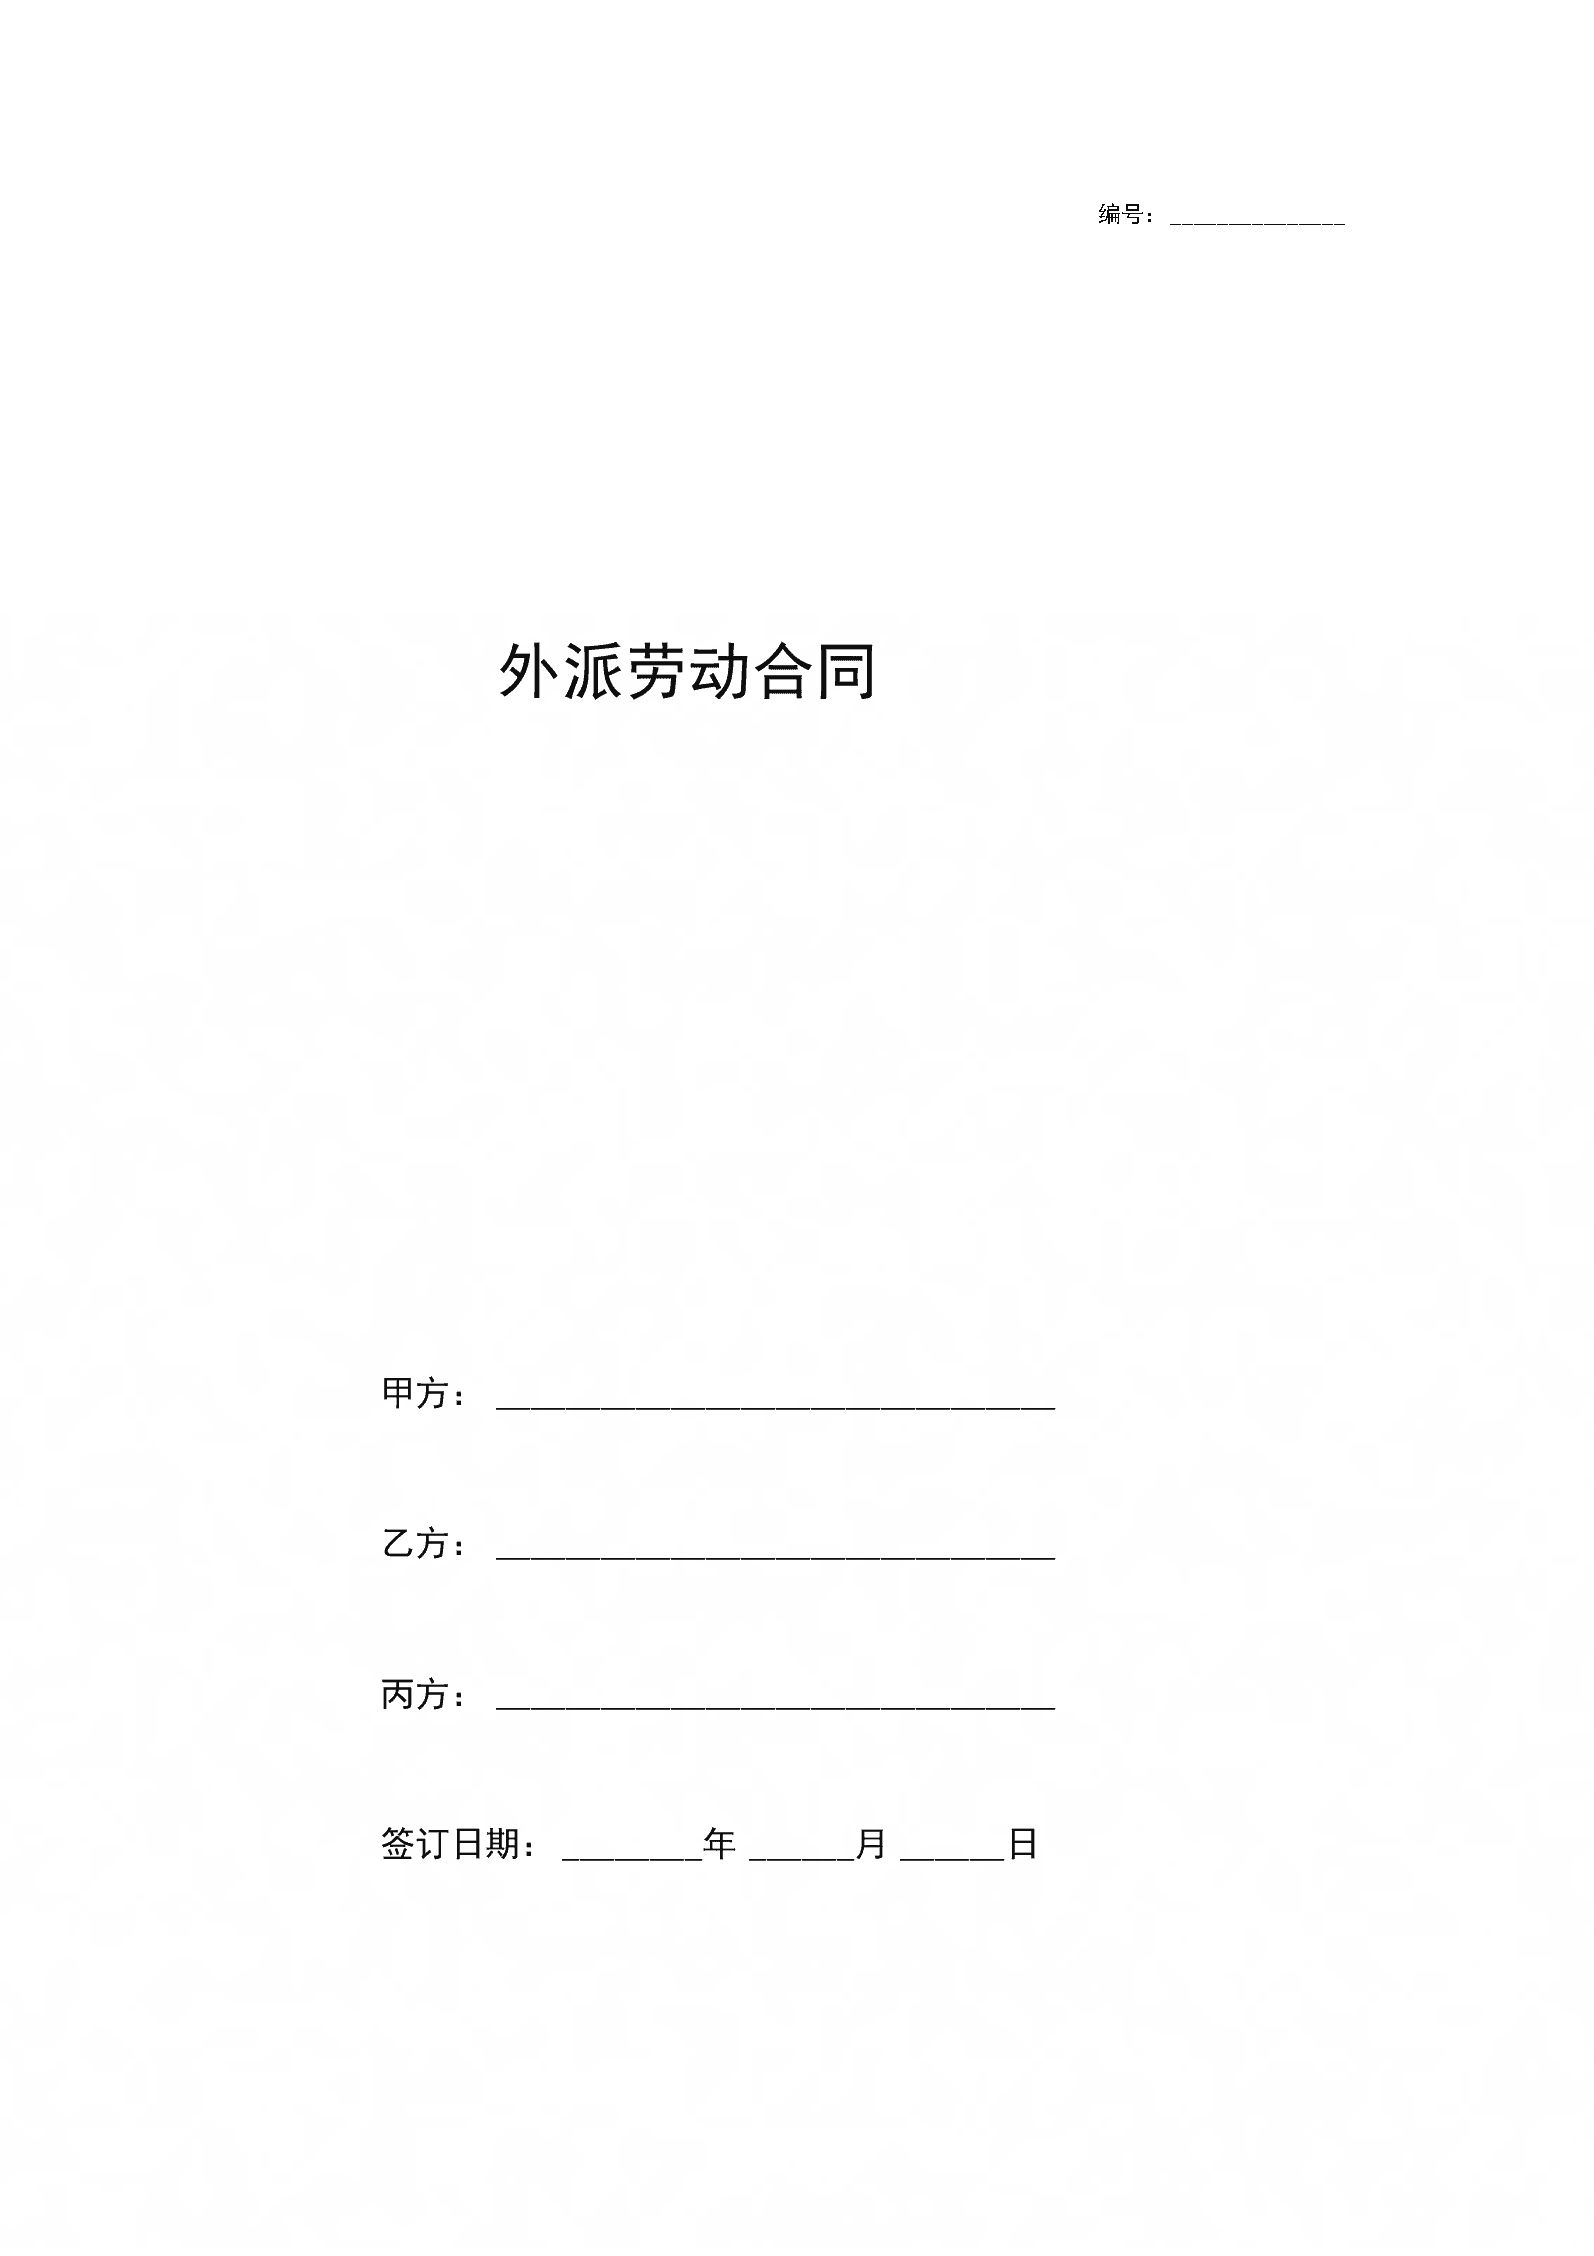 外派劳动合同协议书范本.docx